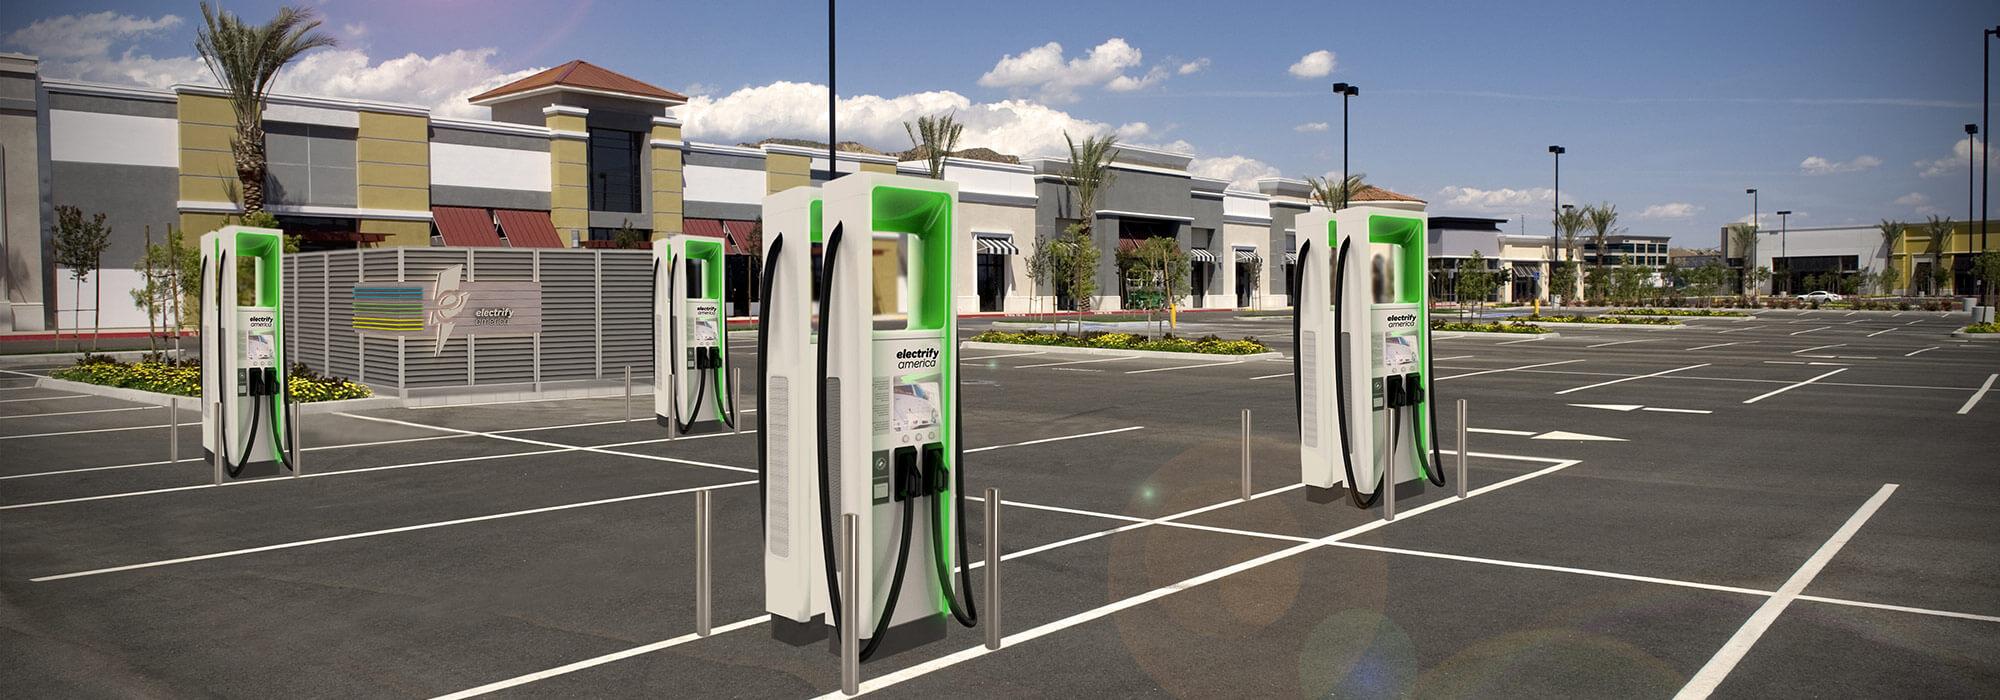 Зарядные станции «Electrify America» в США